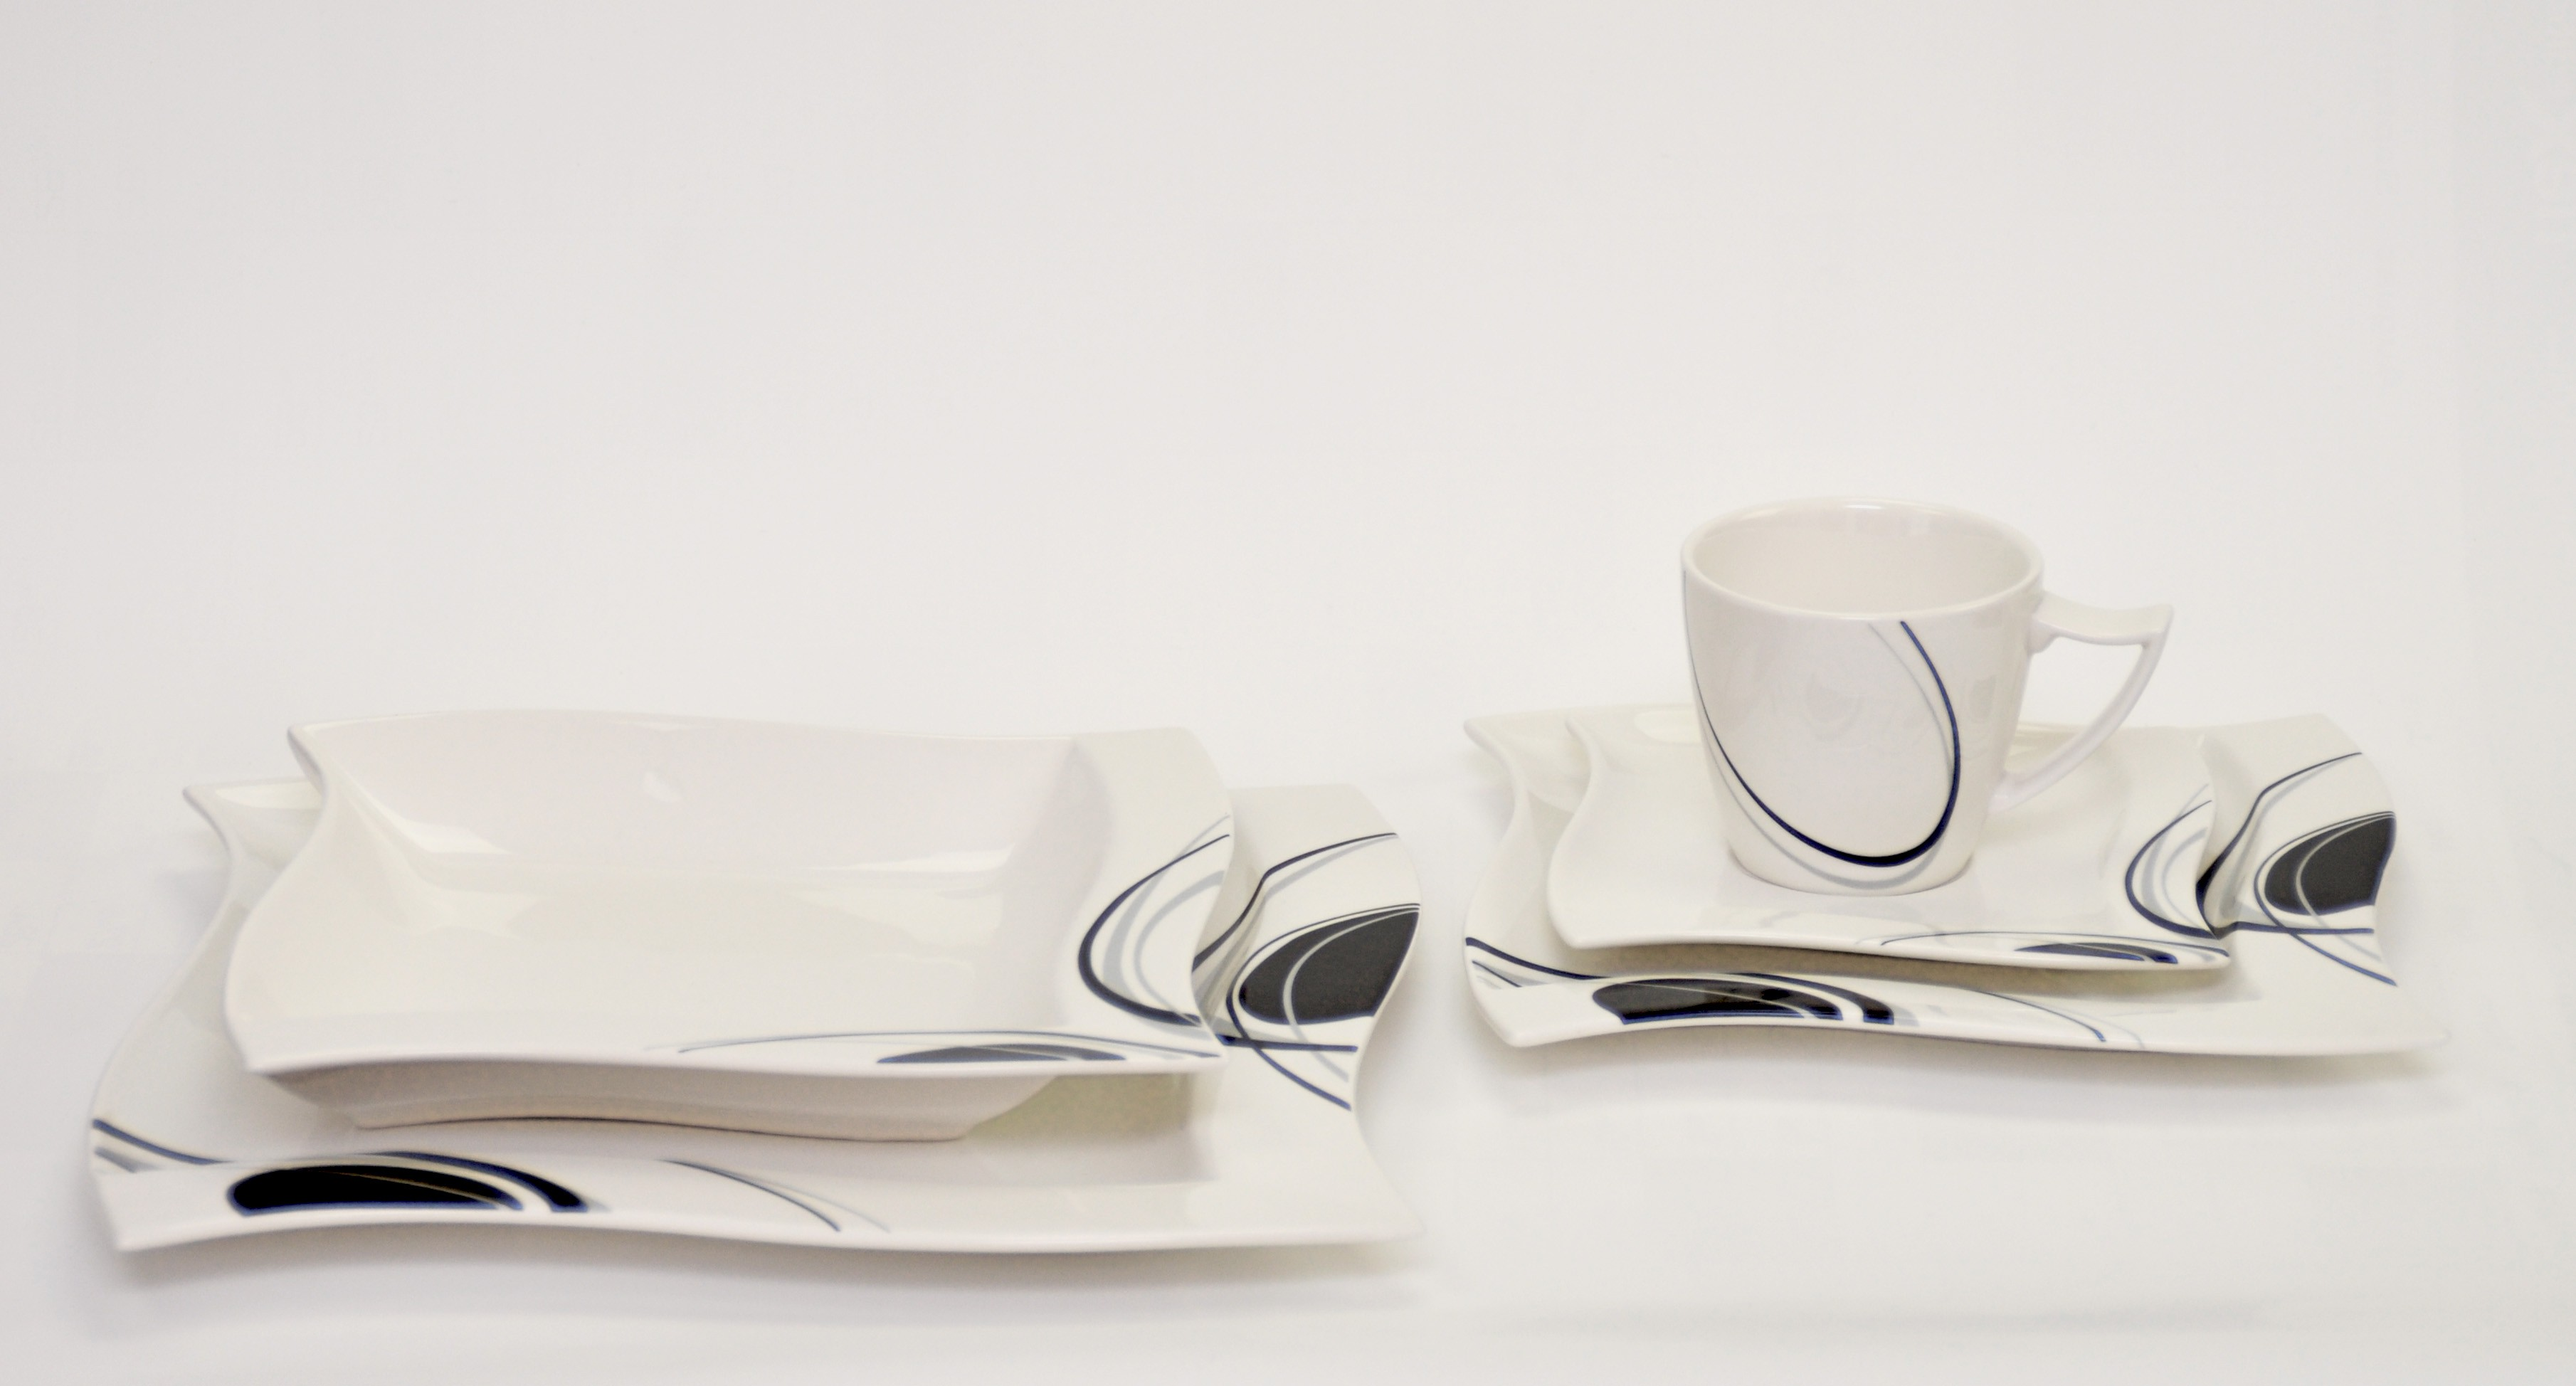 kaffeeservice scarlett 36 teilig eckig porzellan f r 12. Black Bedroom Furniture Sets. Home Design Ideas